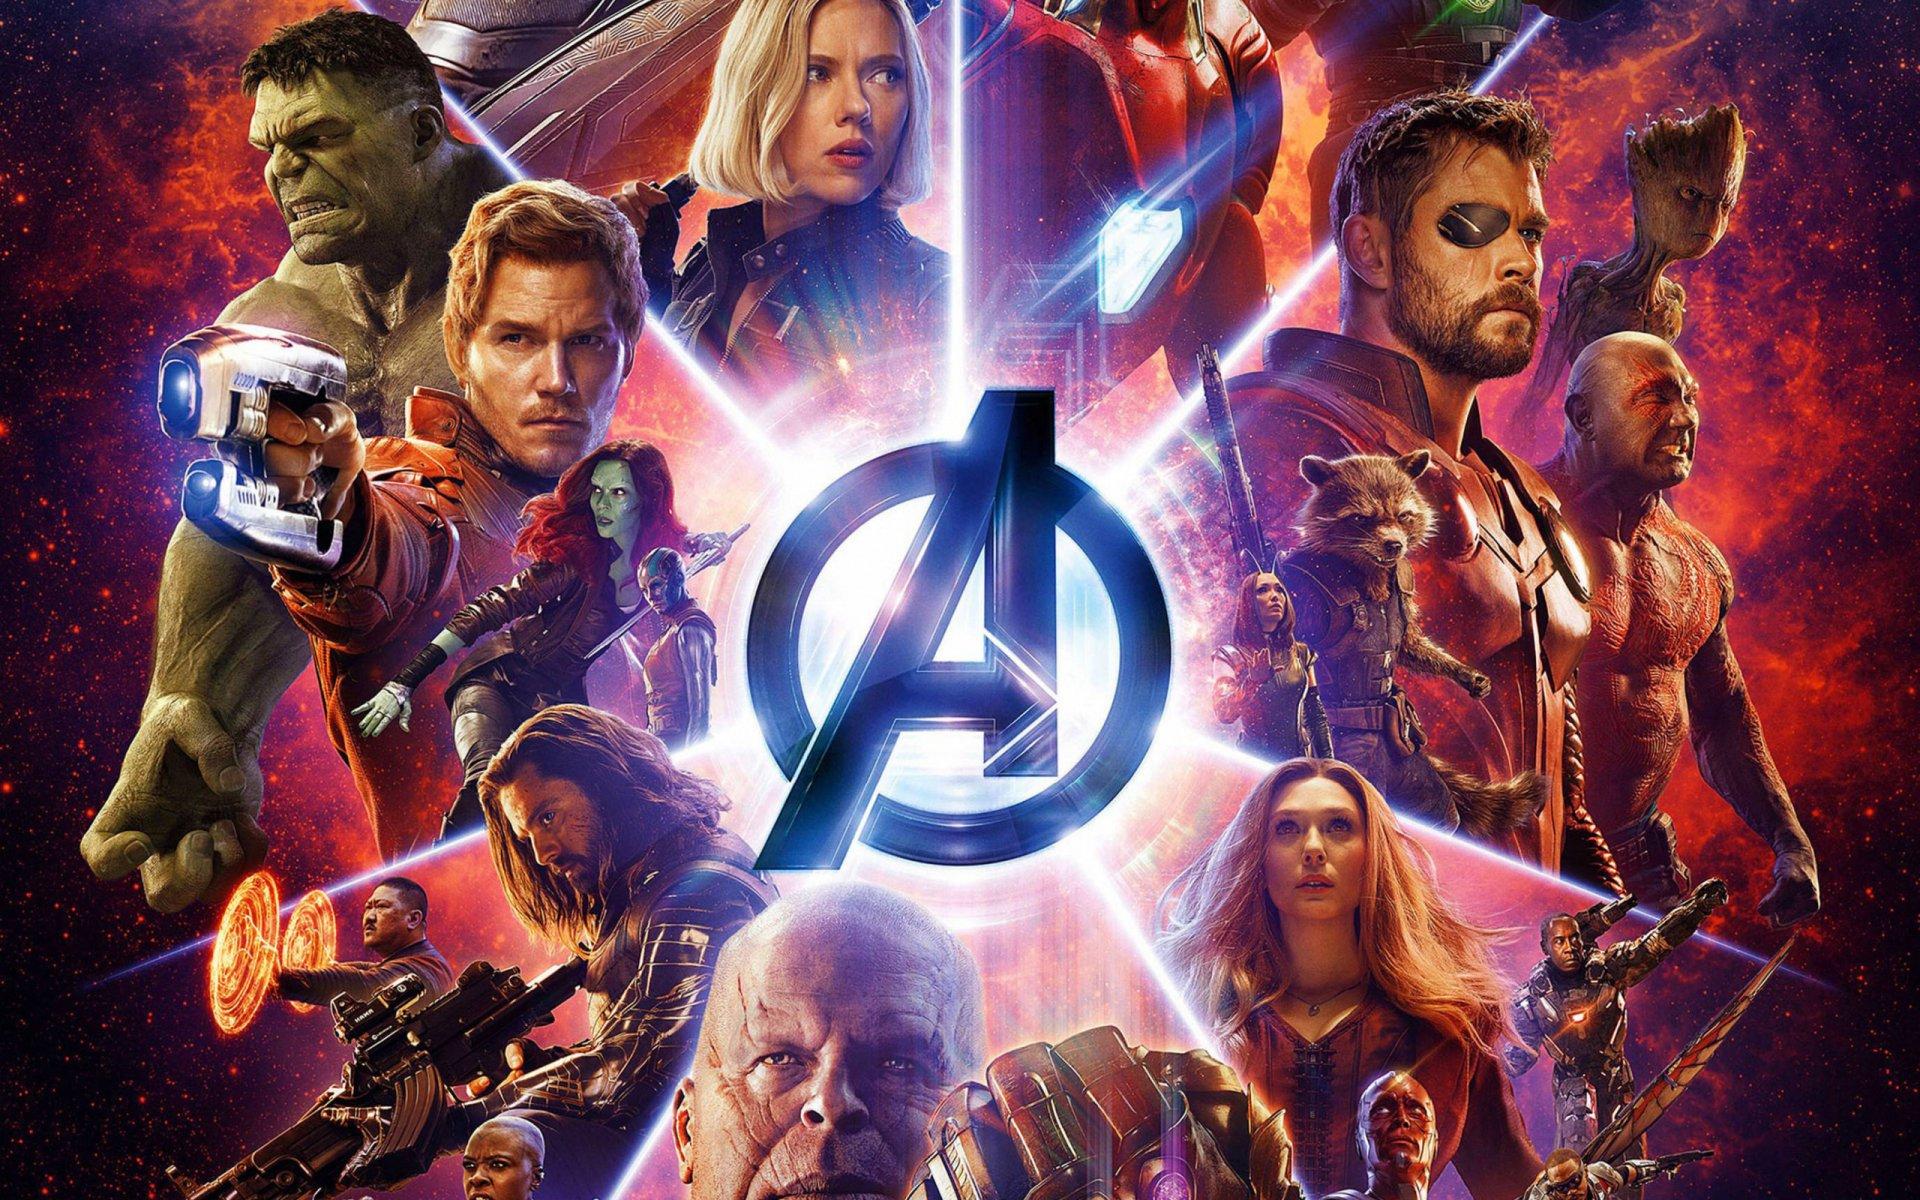 Fondos de Los Vengadores Infinity War, Wallpapers Avengers